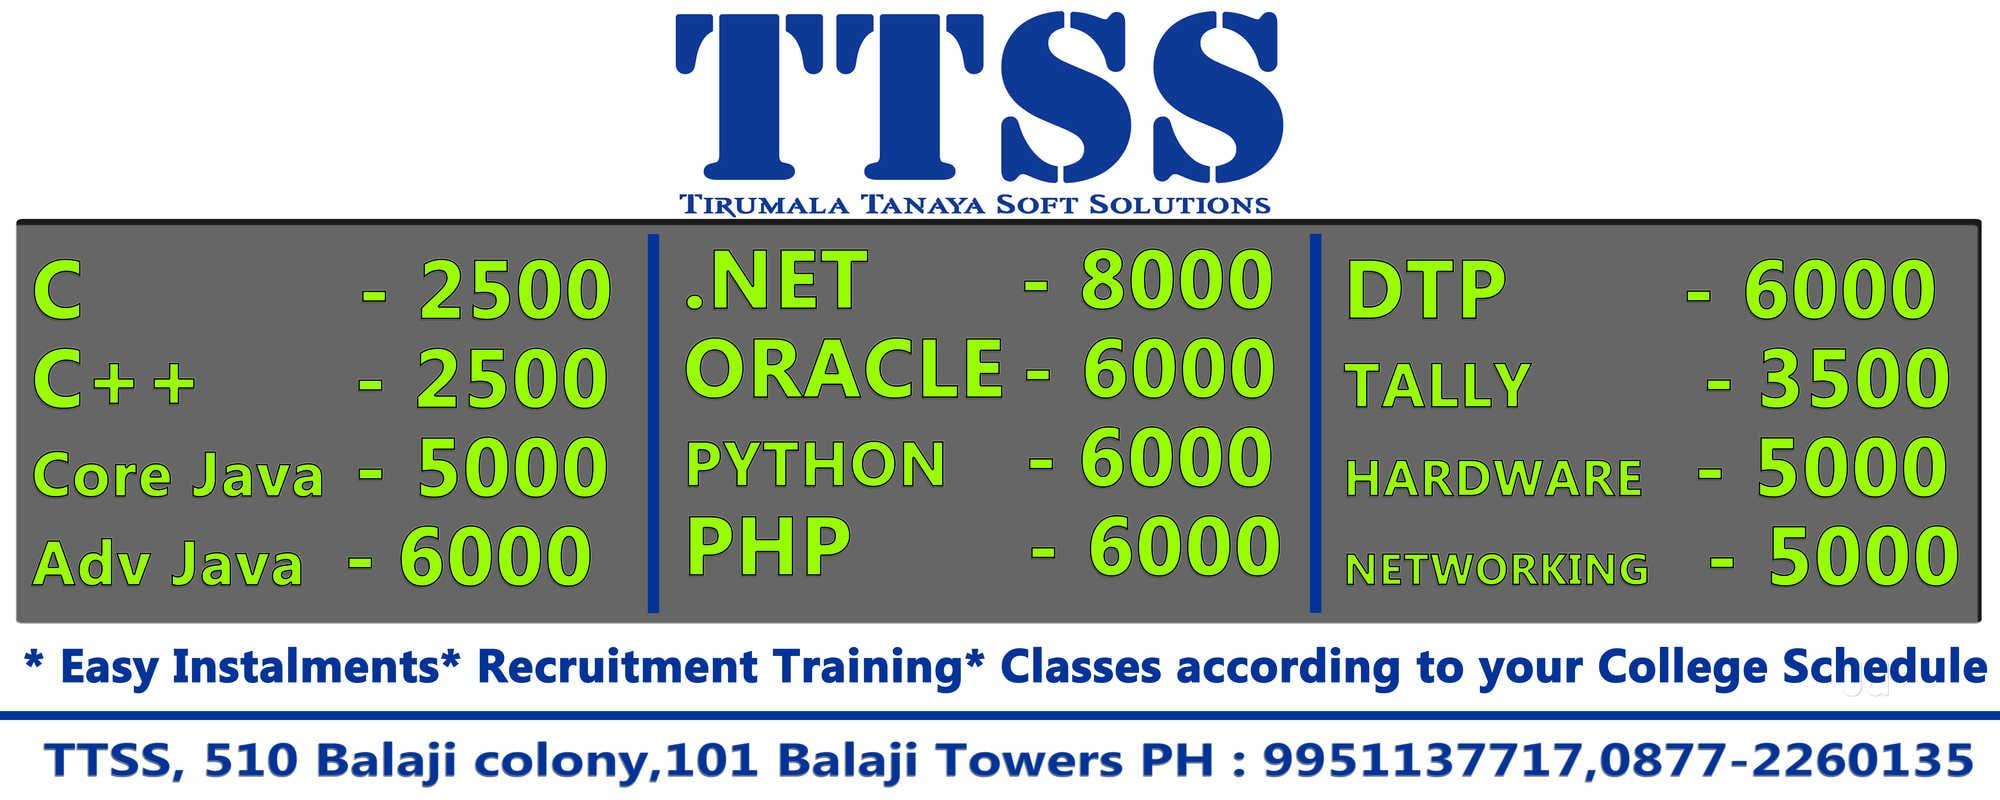 SQL Training Institutes in Tilak Road, Tirupati - Computer